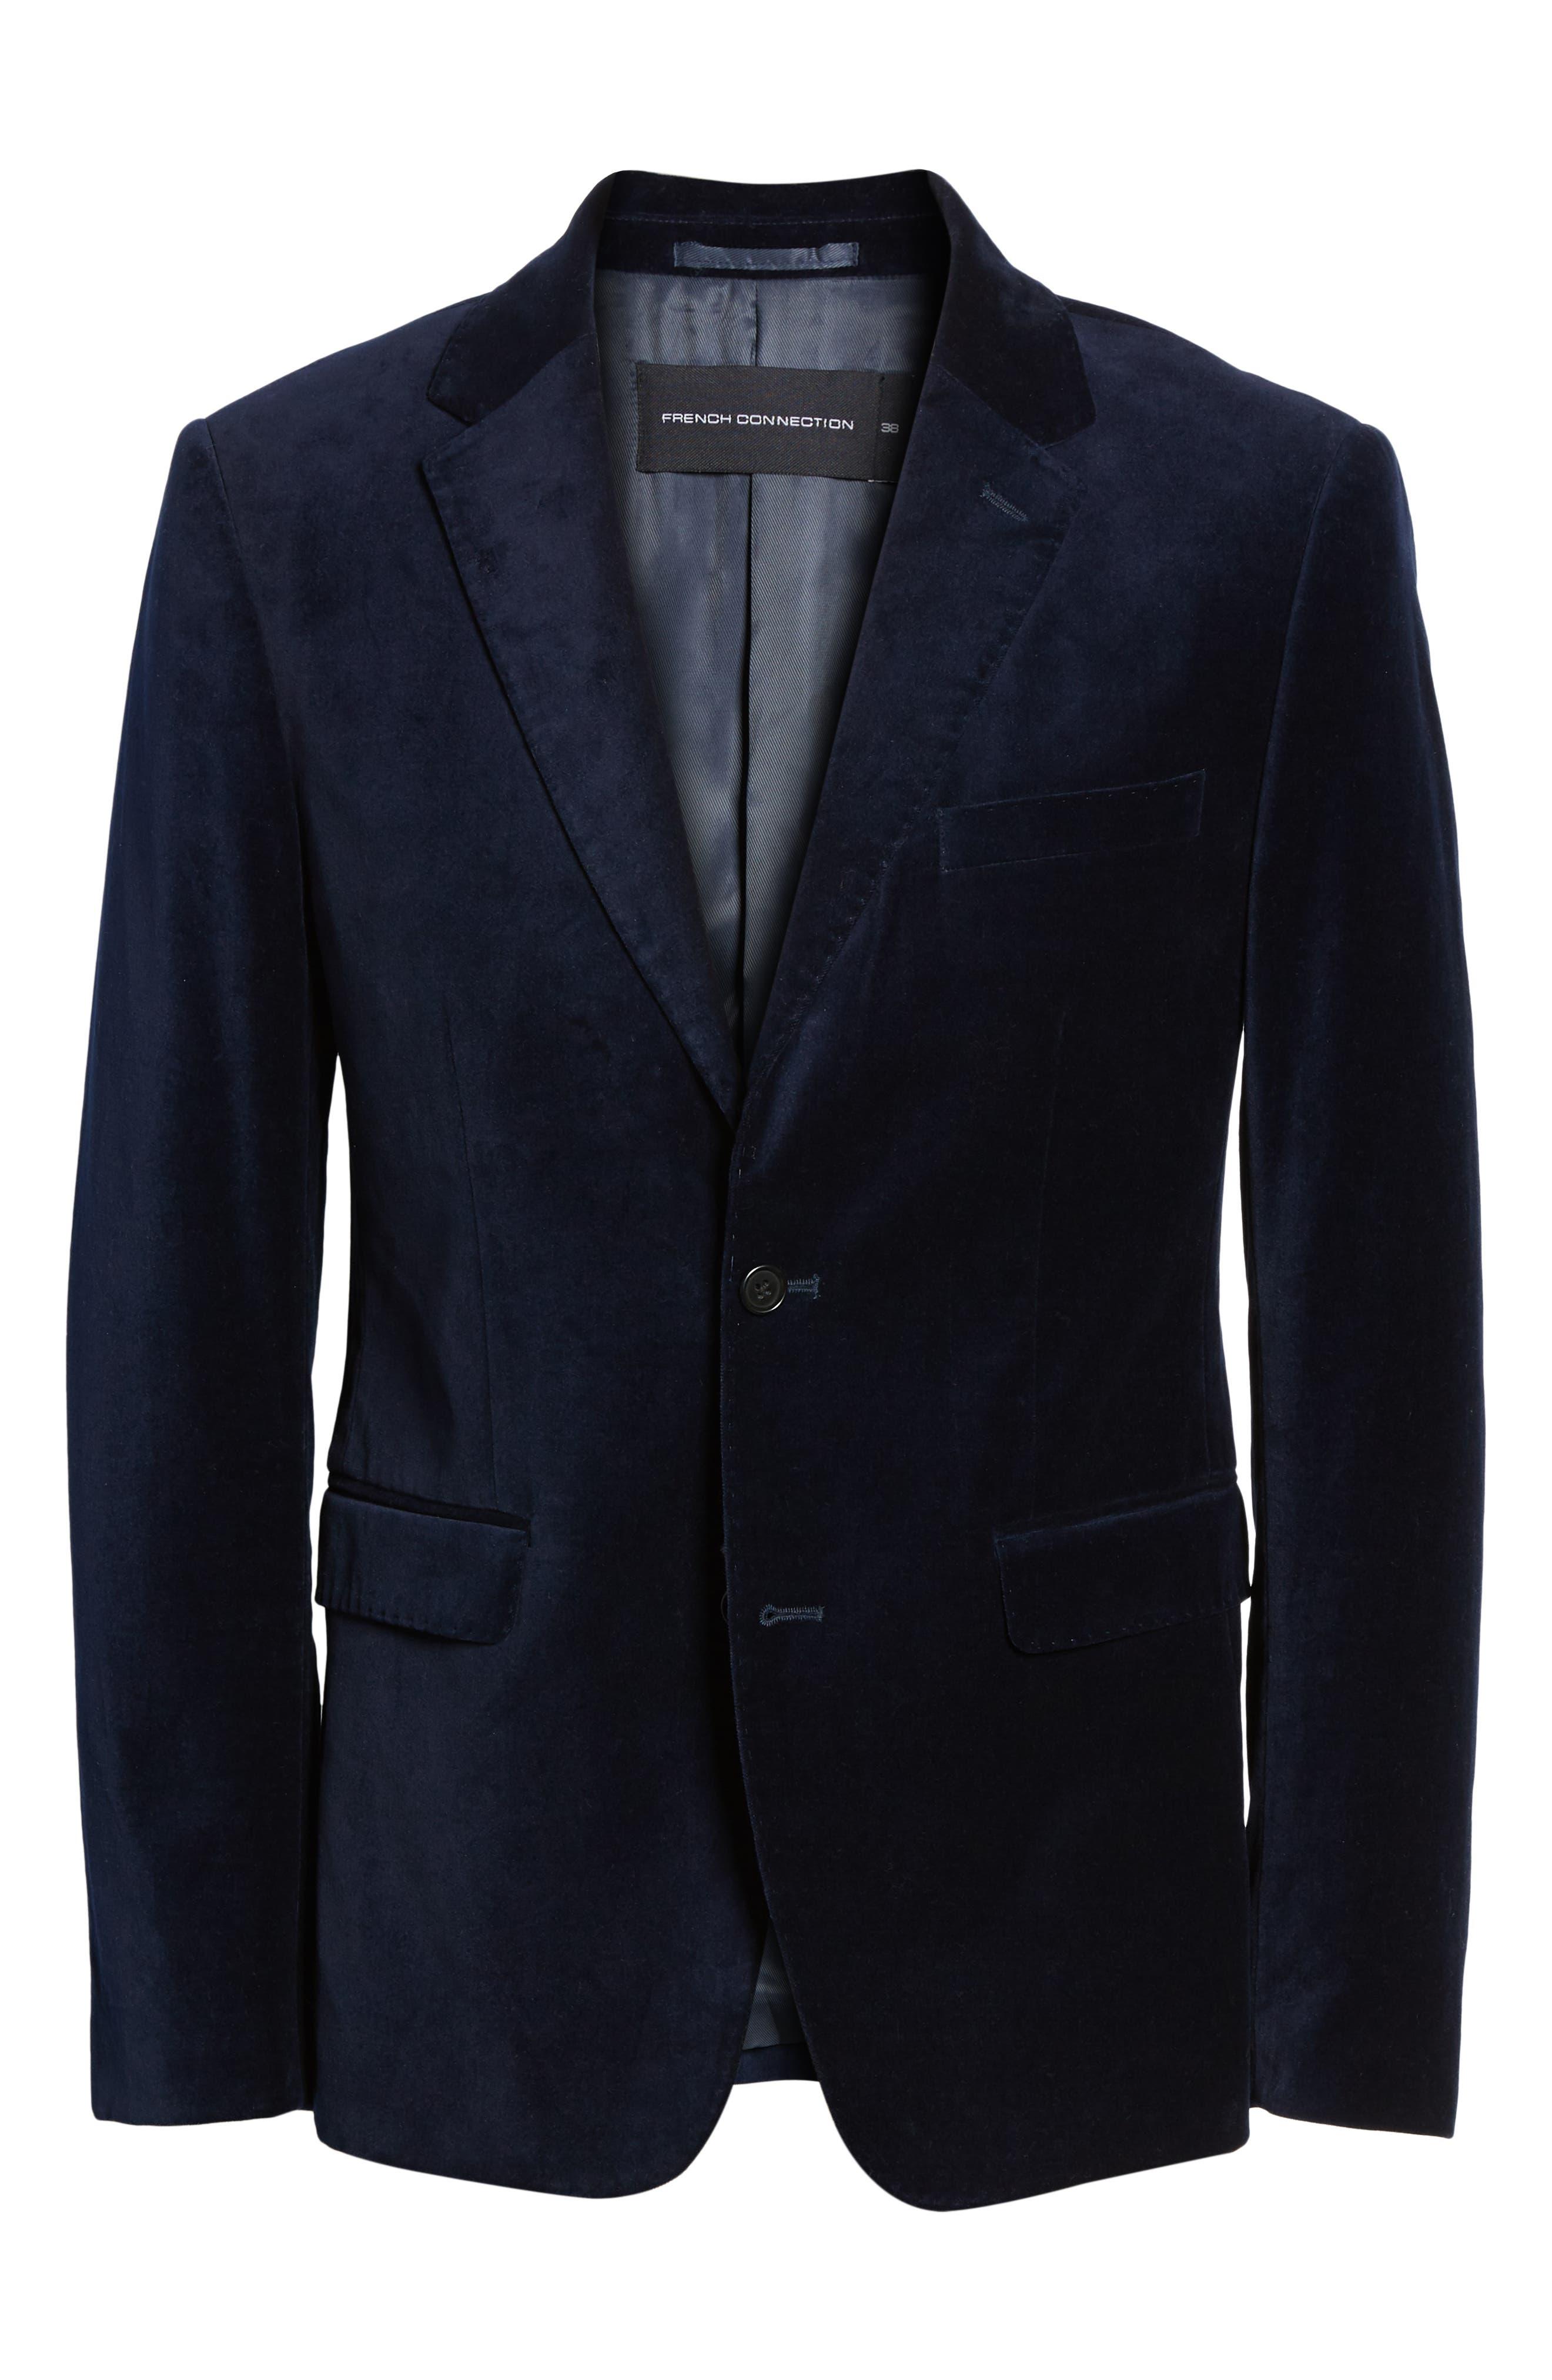 FRENCH CONNECTION,                             Regular Fit Plush Velveteen Blazer,                             Alternate thumbnail 5, color,                             BLUE BLOOD